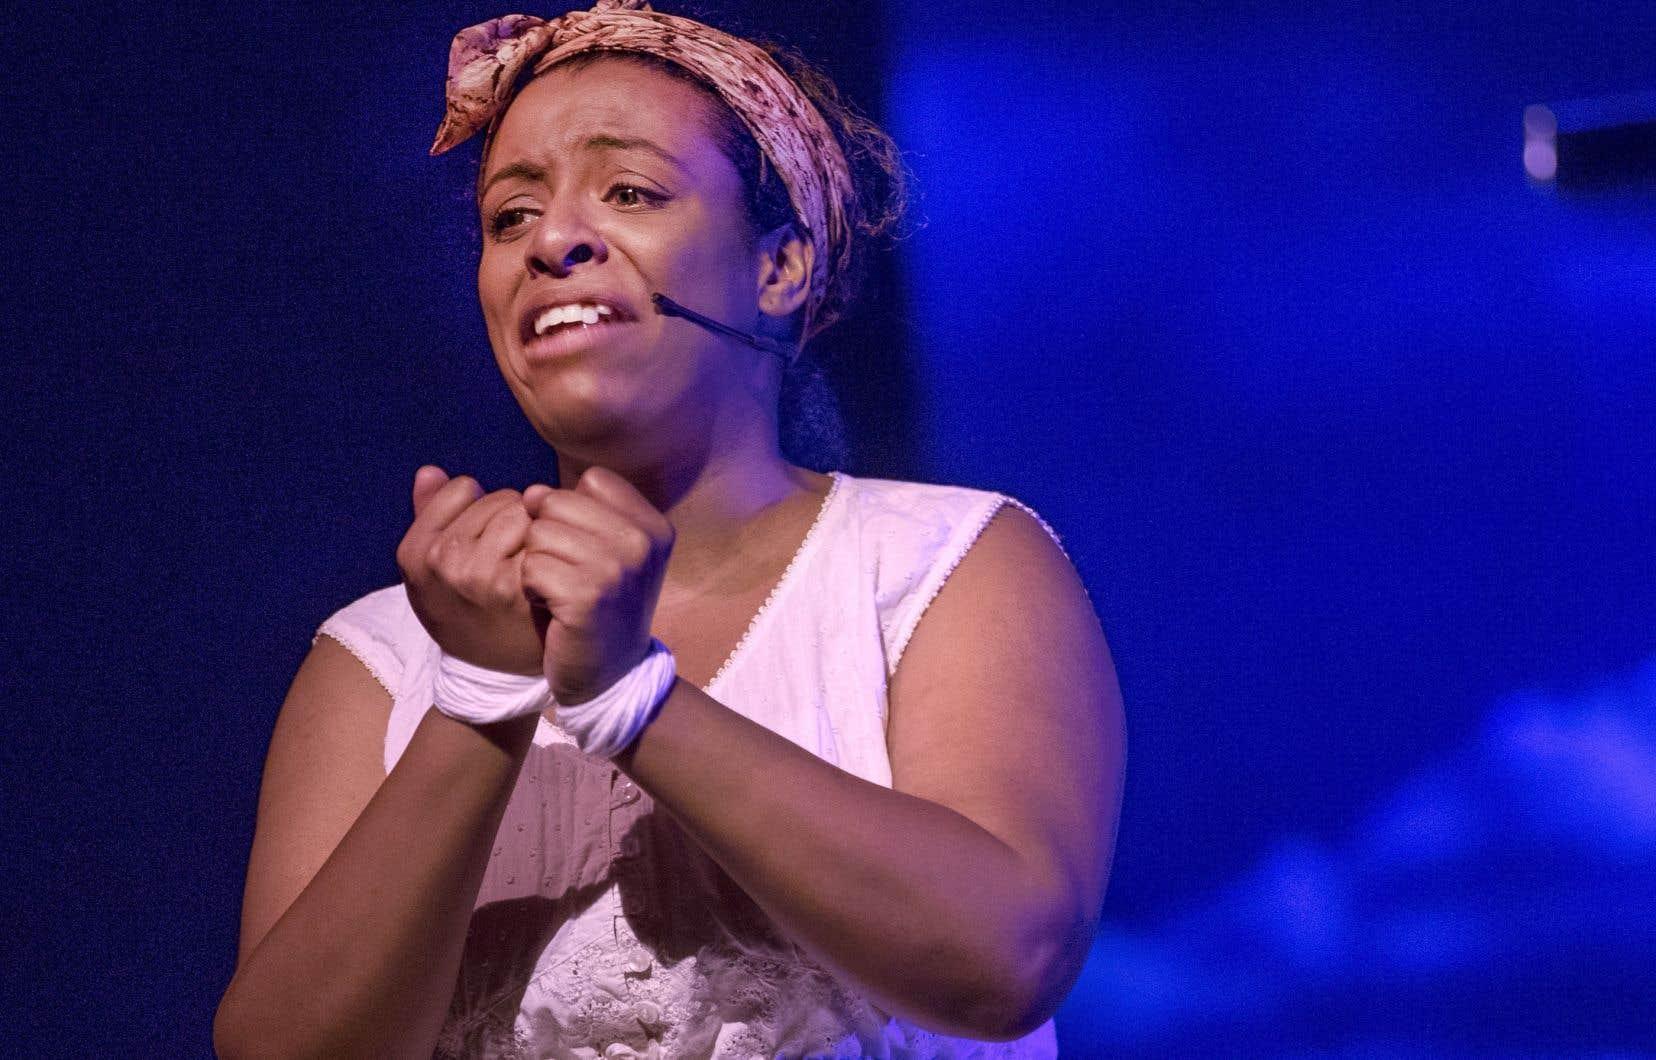 Dans la controverse, le Festival international de jazz de Montréal a annulé les représentations du spectacle «SLAV» de Robert Lepage et Betty Bonifassi, qui se voulait une «odyssée théâtrale à travers les chants d'esclaves».